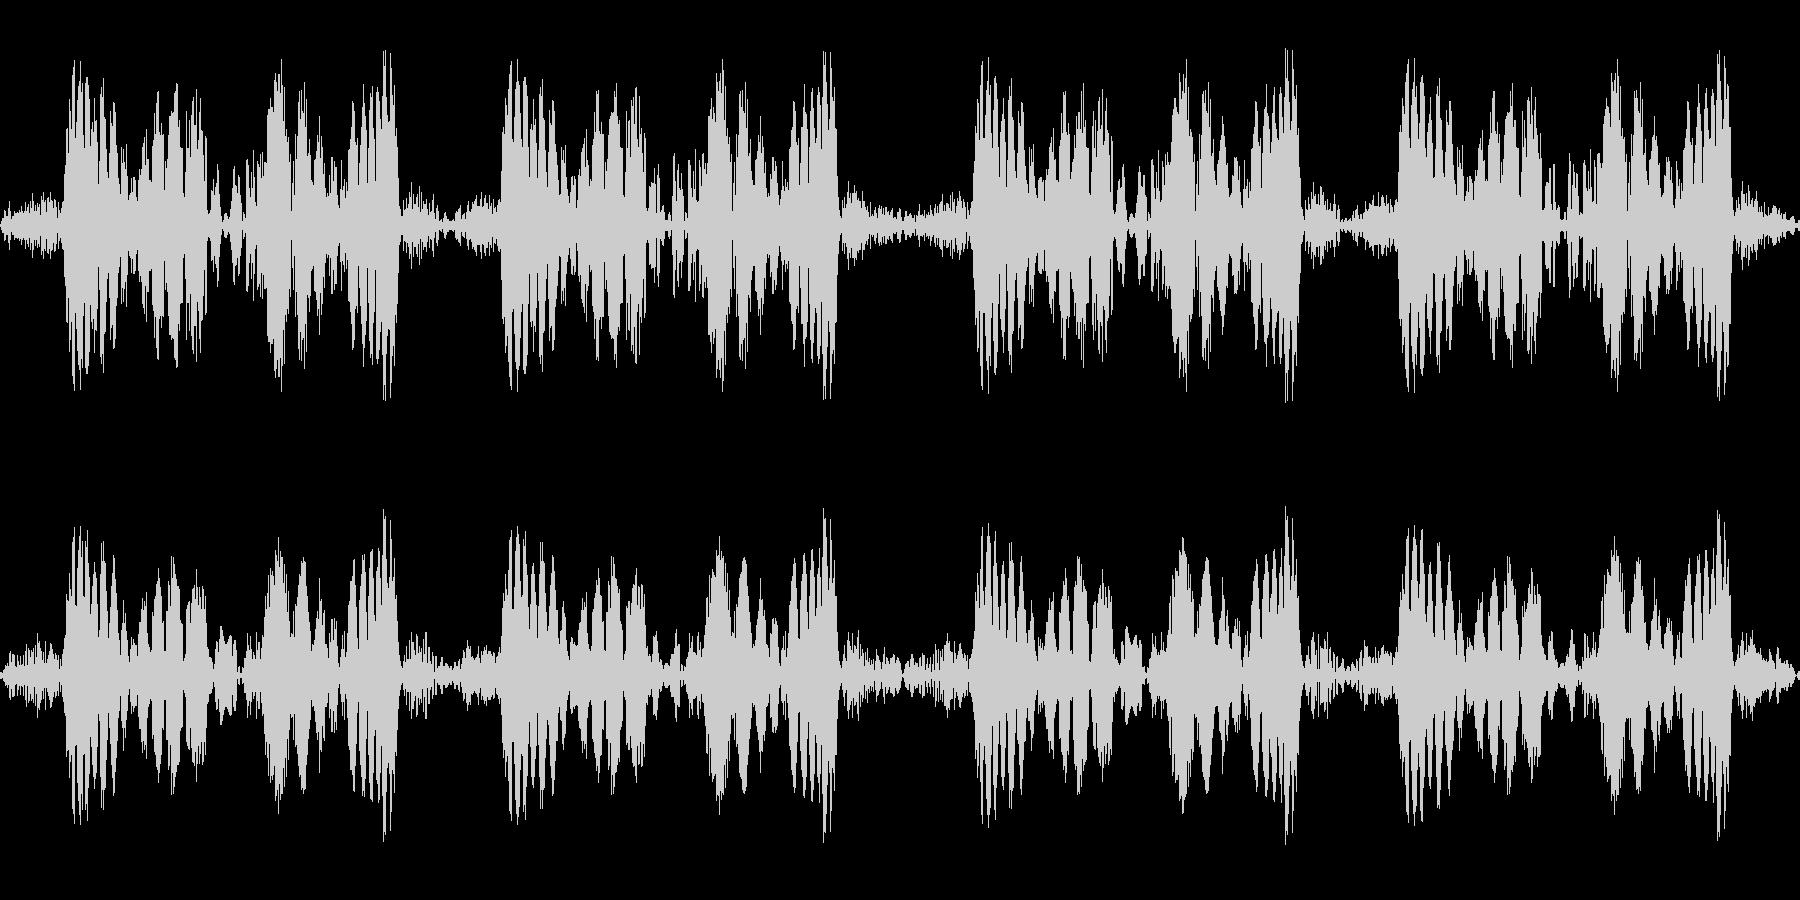 ズビズビ(レコードスクラッチ4回)の未再生の波形